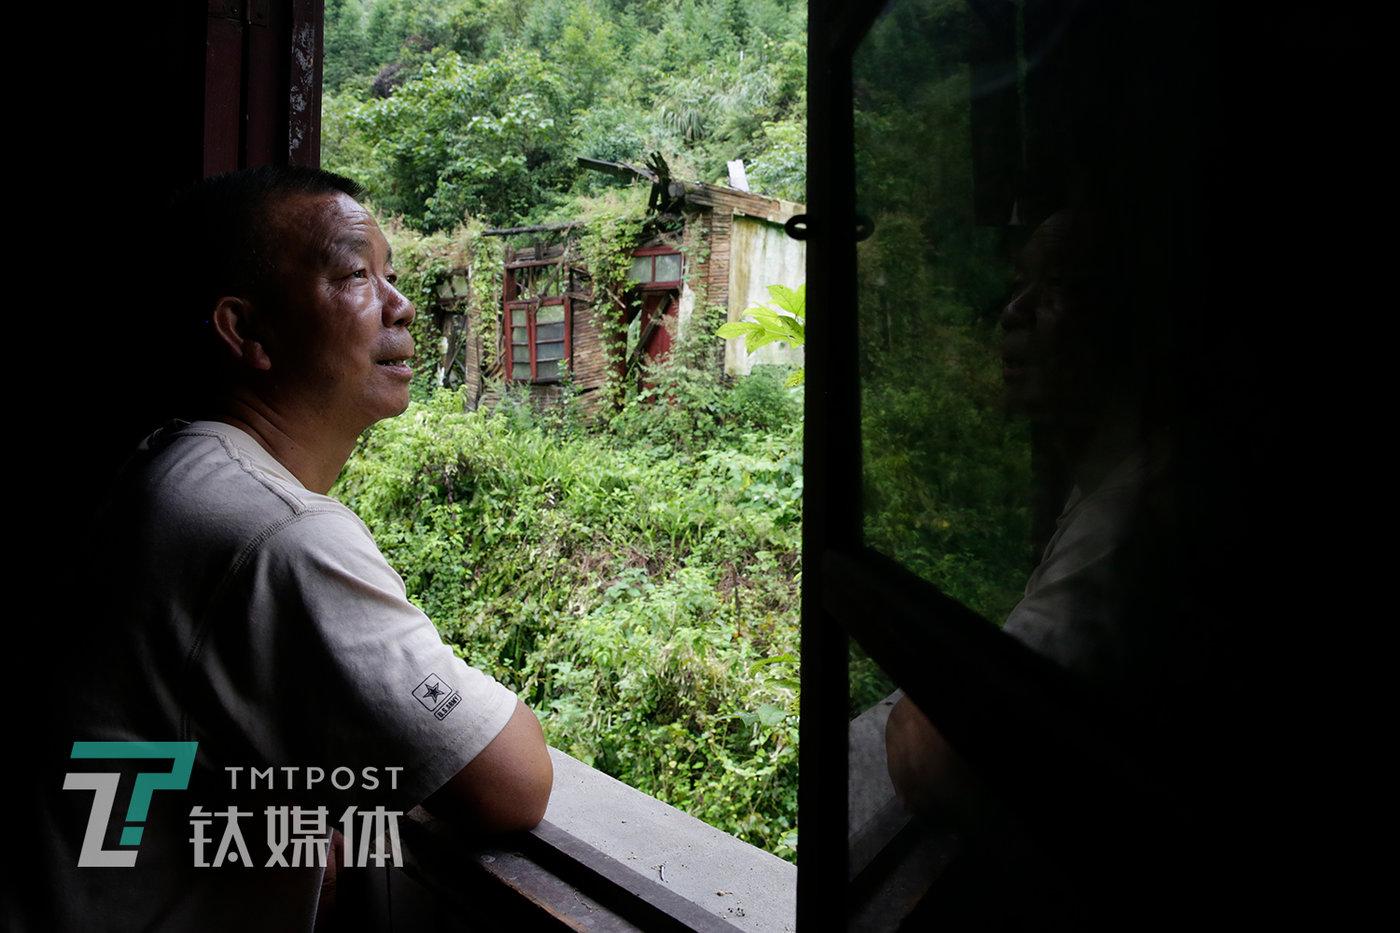 守矿人杨世贵准备出门巡查。